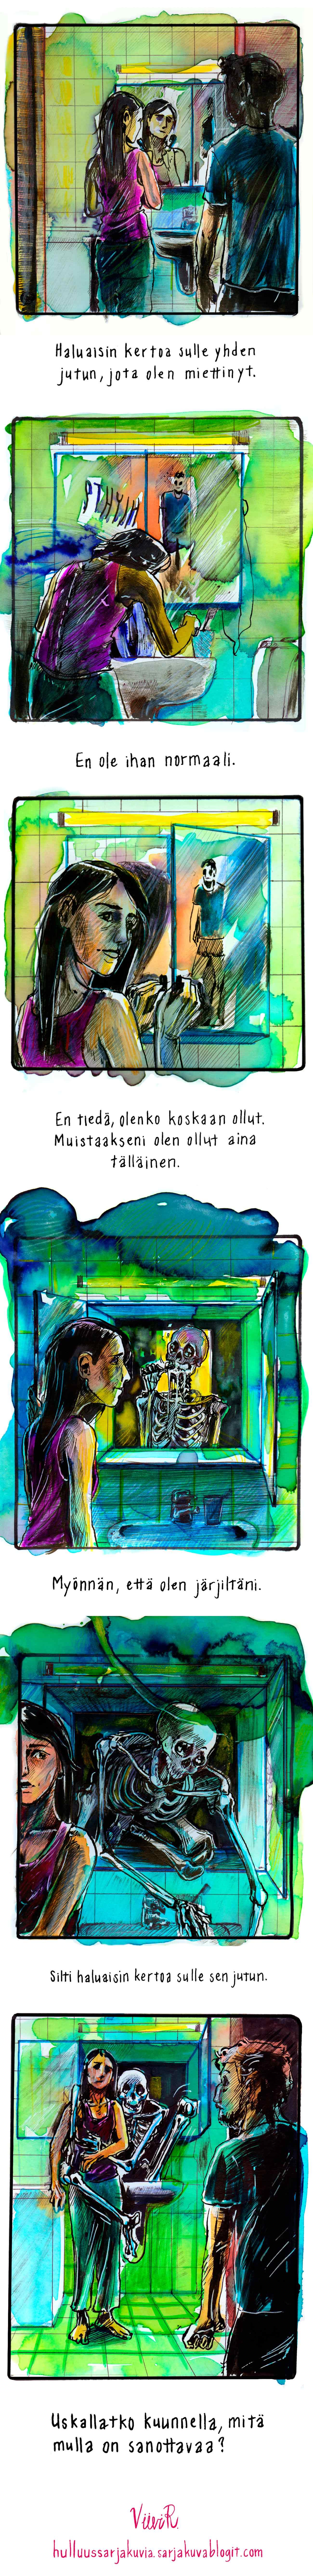 hulluurankopostaus_viivirintanen1